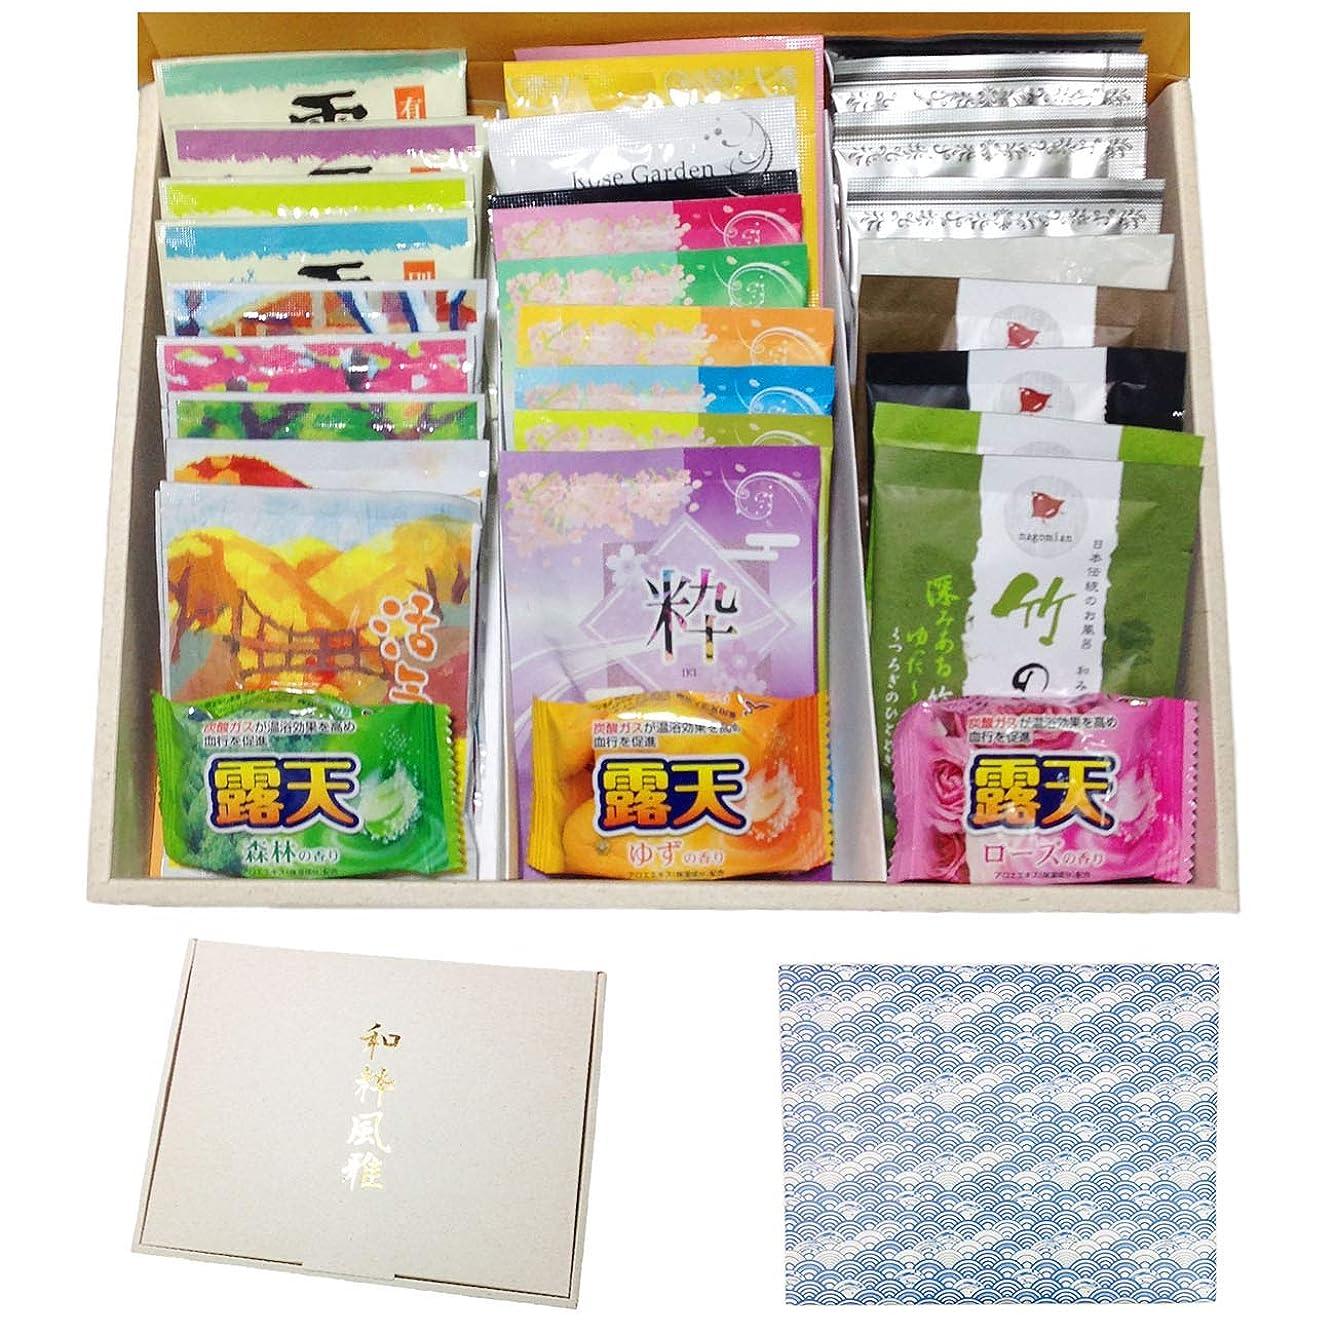 アカウント顎適格入浴剤 ギフト セット 日本製 温泉 炭酸 つめあわせ バスギフト プレゼント 30種類/50種類 (50個50種類)